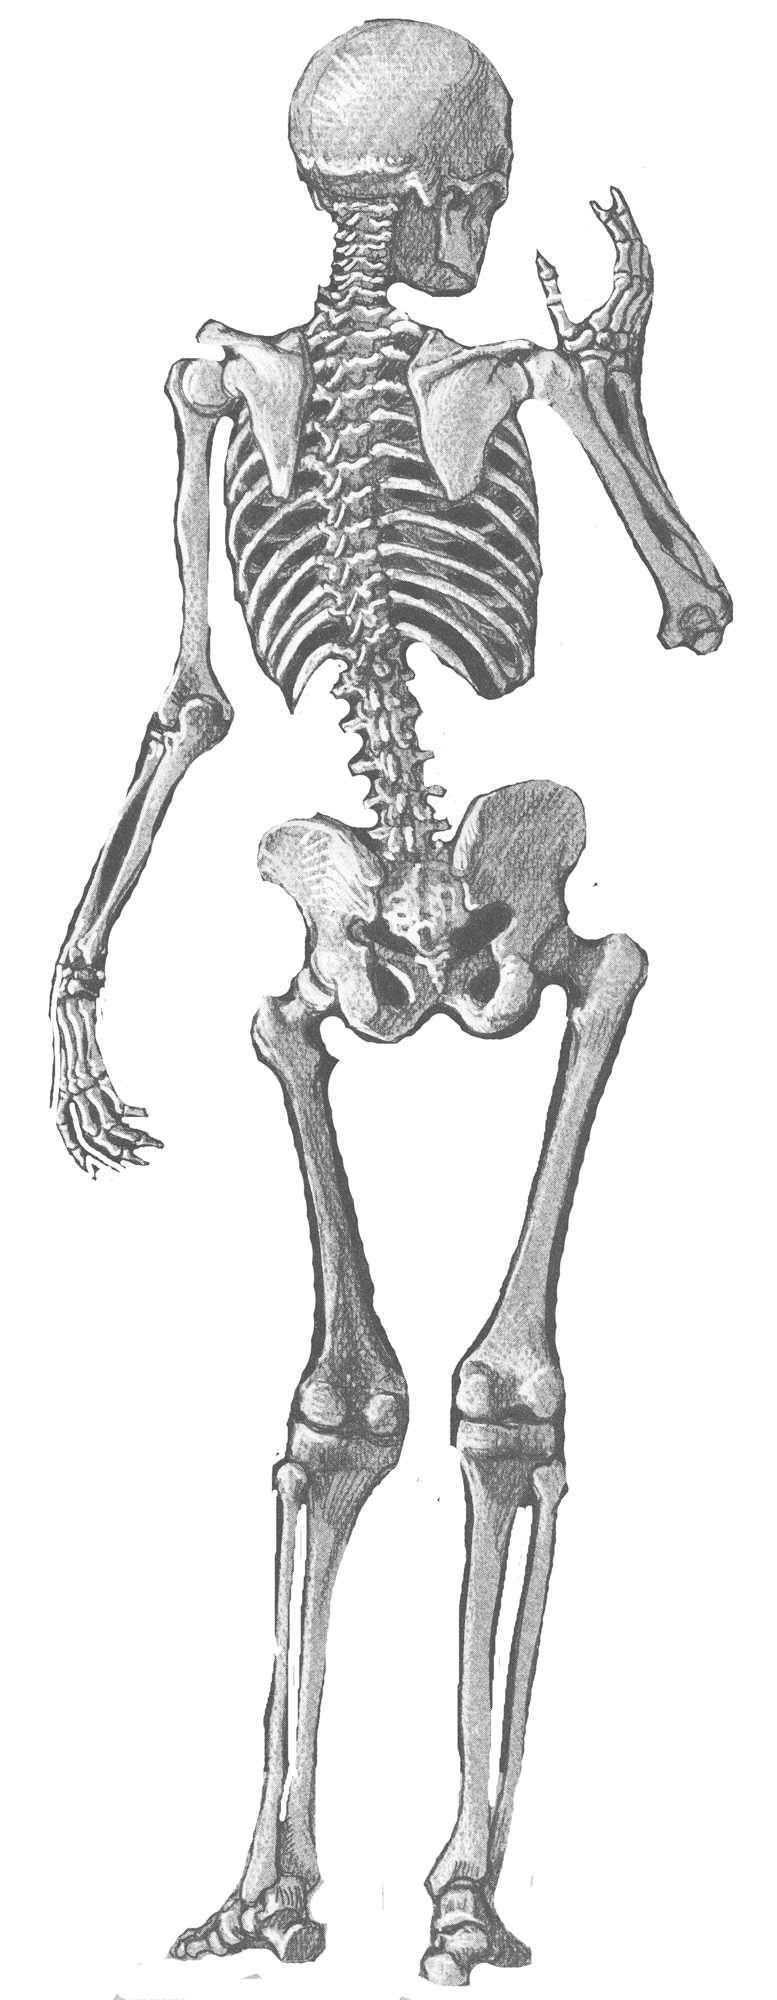 dibujo esqueleto | Varios | Pinterest | Anatomía, Dibujo y Calaveras